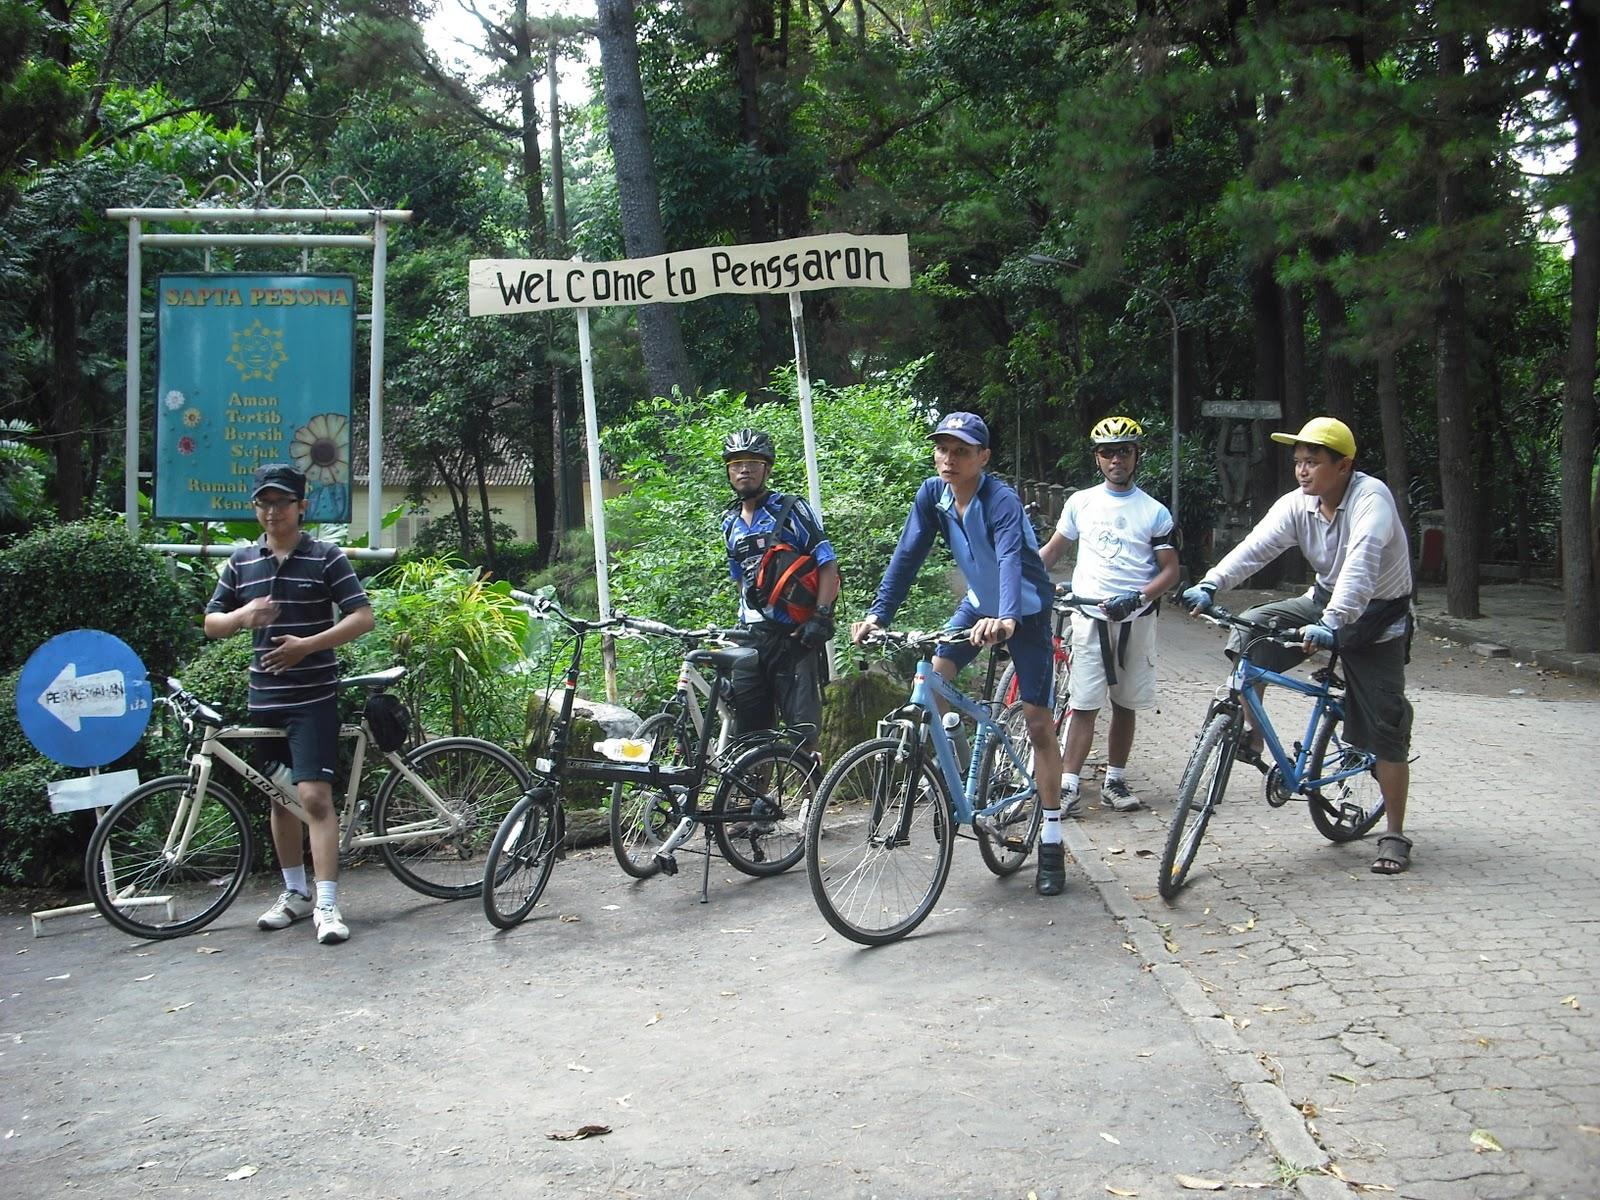 Tempat Pariwisata Kabupaten Semarang Gardu Rt 01 Rw Penggaron Kota